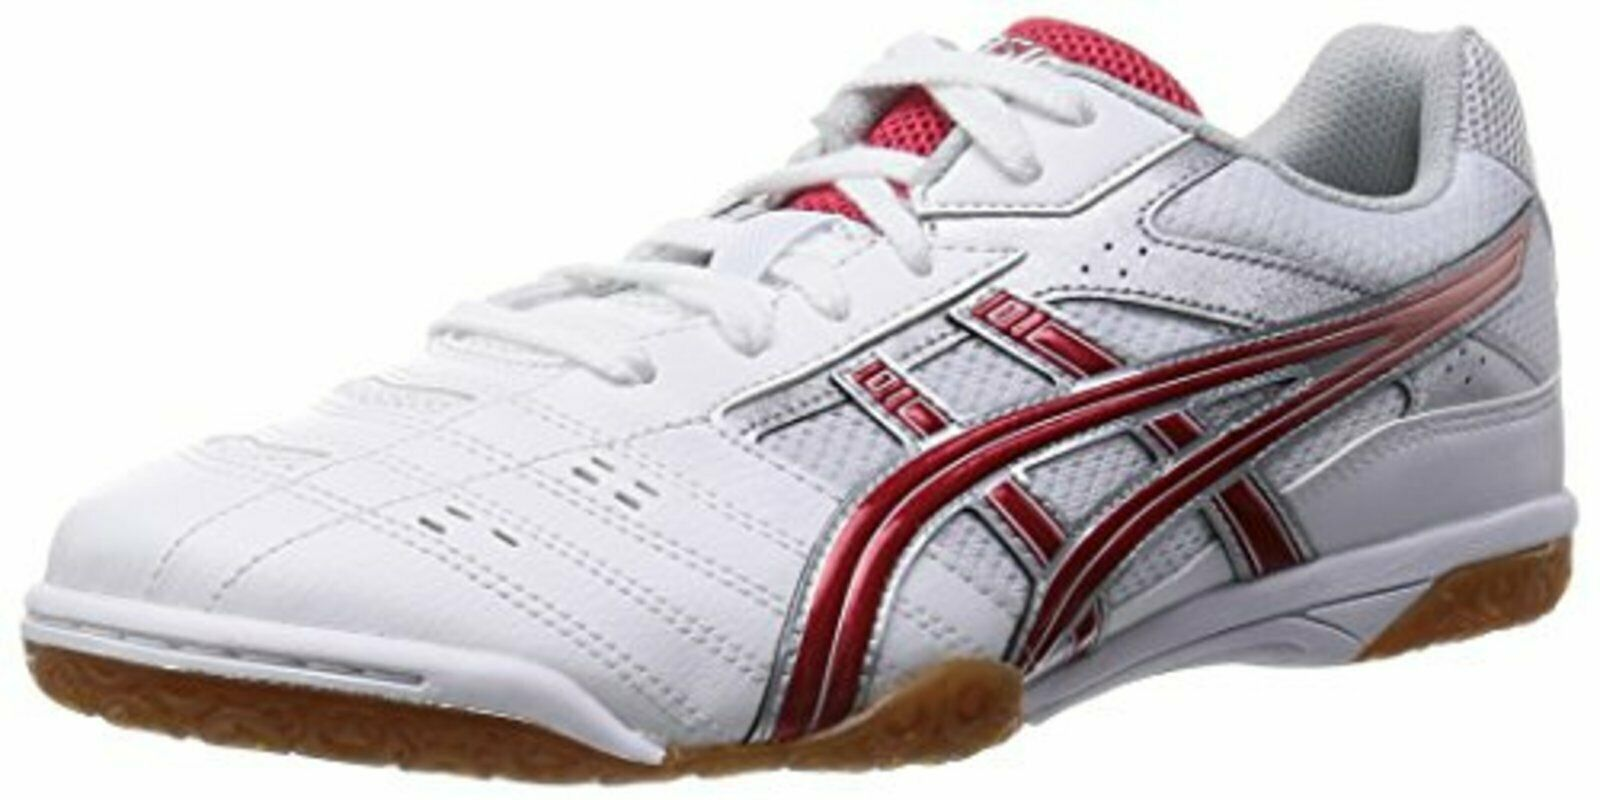 Asics zapatos tenis de  mesa ataque hyperbeat SP 2 TPA332 blancoo Rojo US9.5 (27.5cm)  autorización